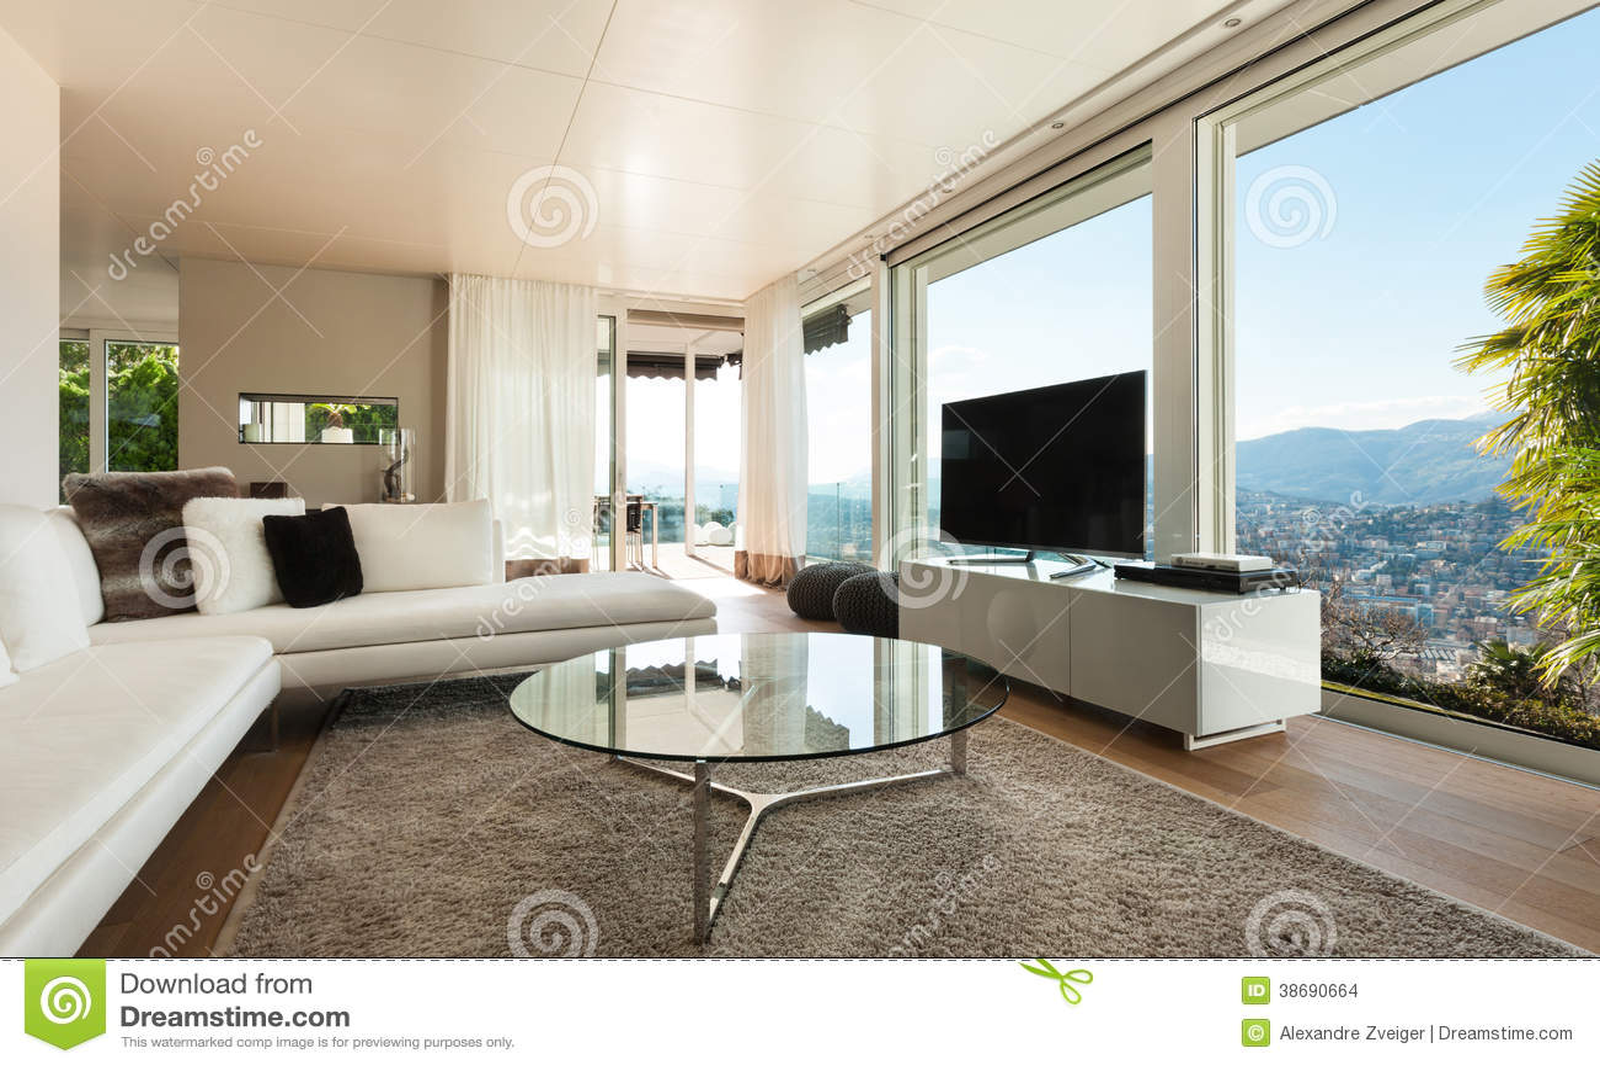 Maison Moderne Intérieure, Salon Photo stock - Image du étage, divan ...